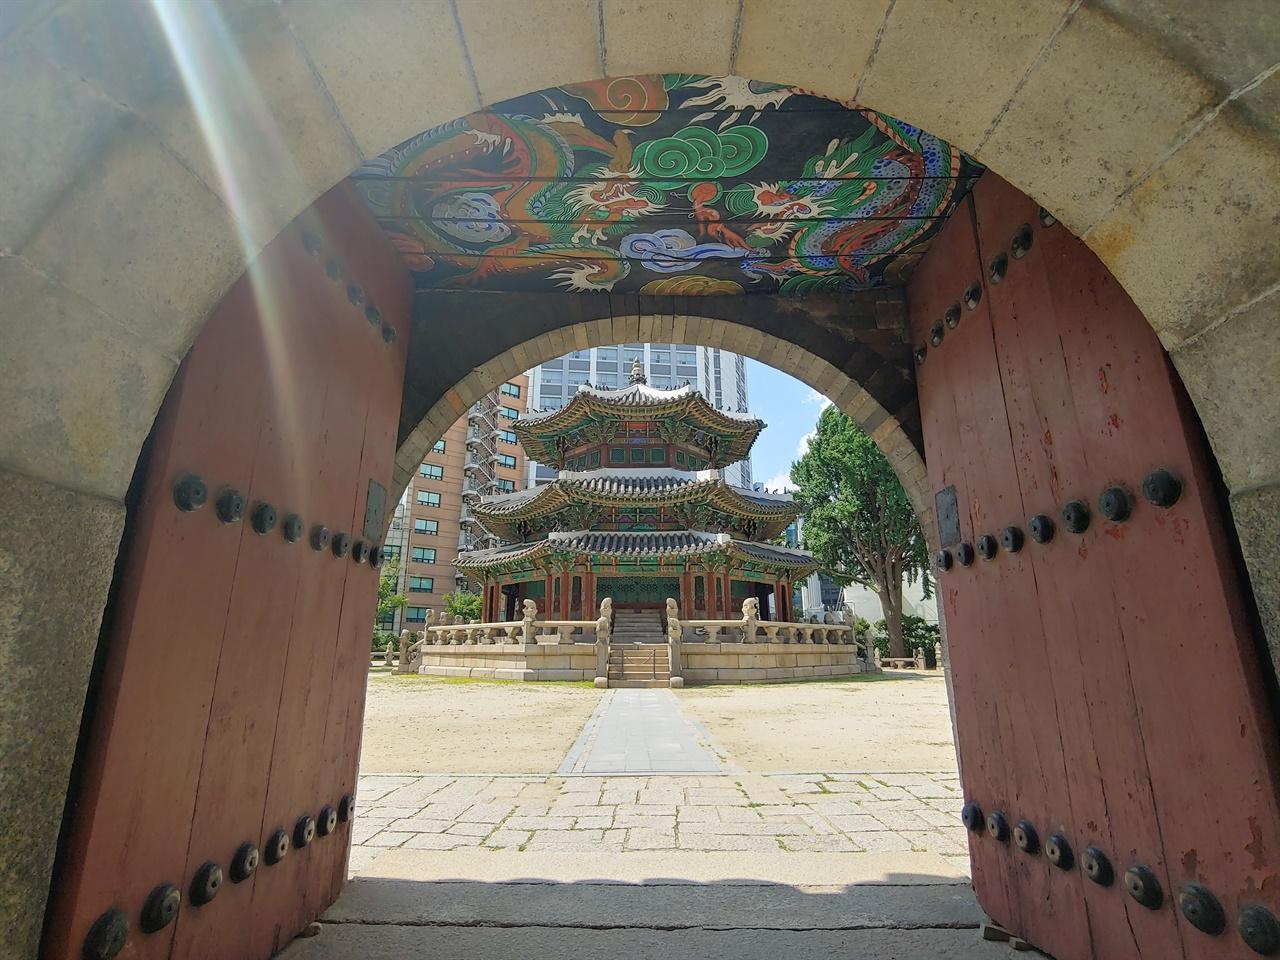 삼문과 황궁우 아치형 삼문 중 가운데 아치 문 사이로 보이는 황궁우. 대한제국 선포 2년 후인 1899년에 지어진 건물로 땅의 기운(地氣)을 상징한다.